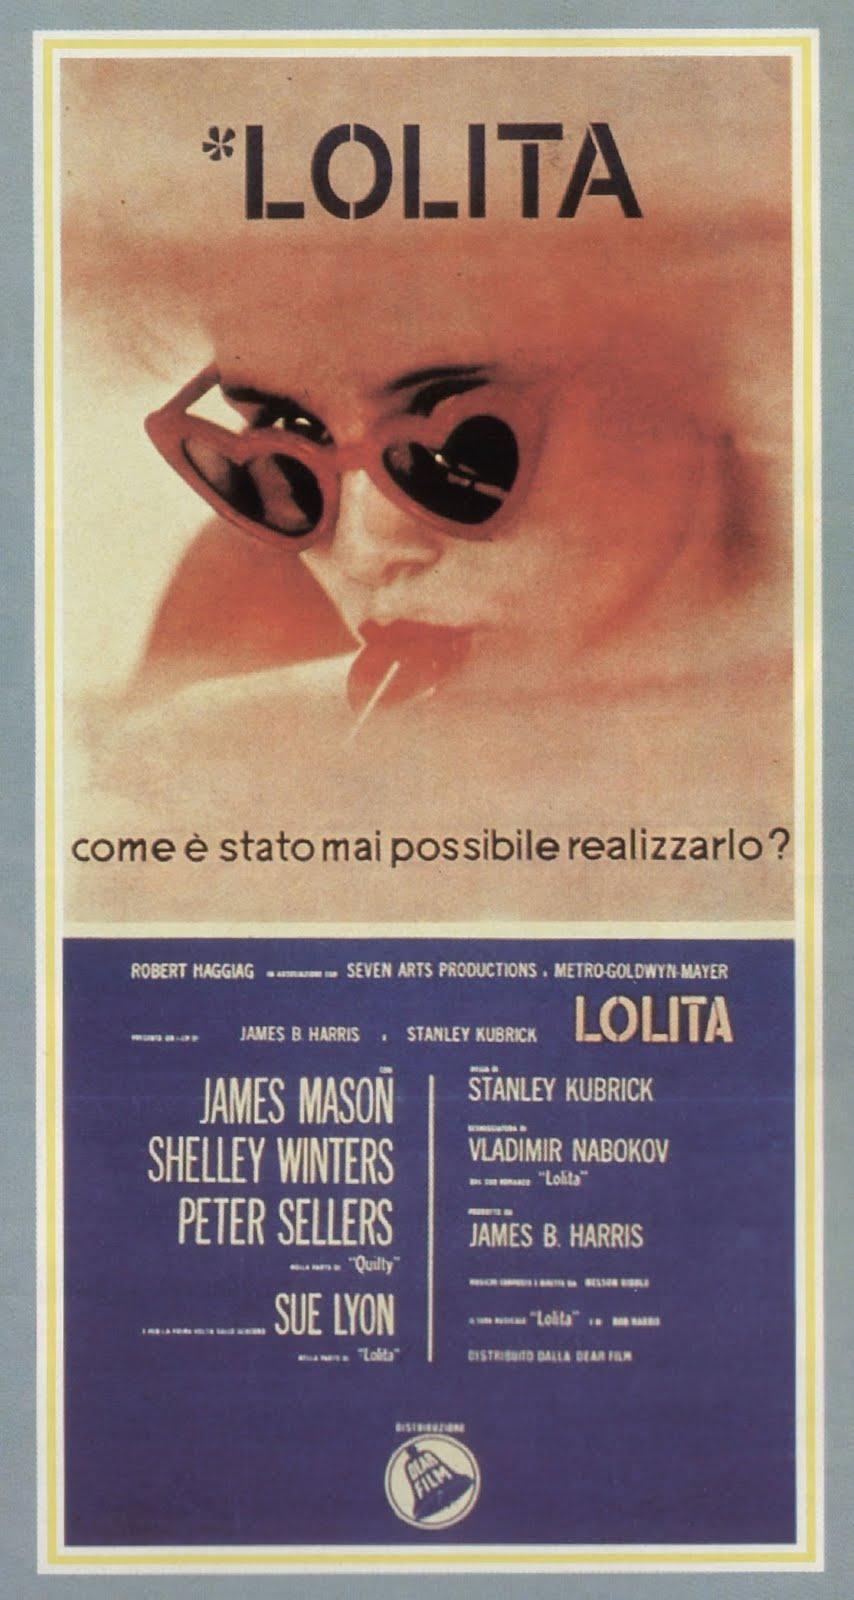 Lolita di Stanley Kubrick – Locandina della prima edizione italiana